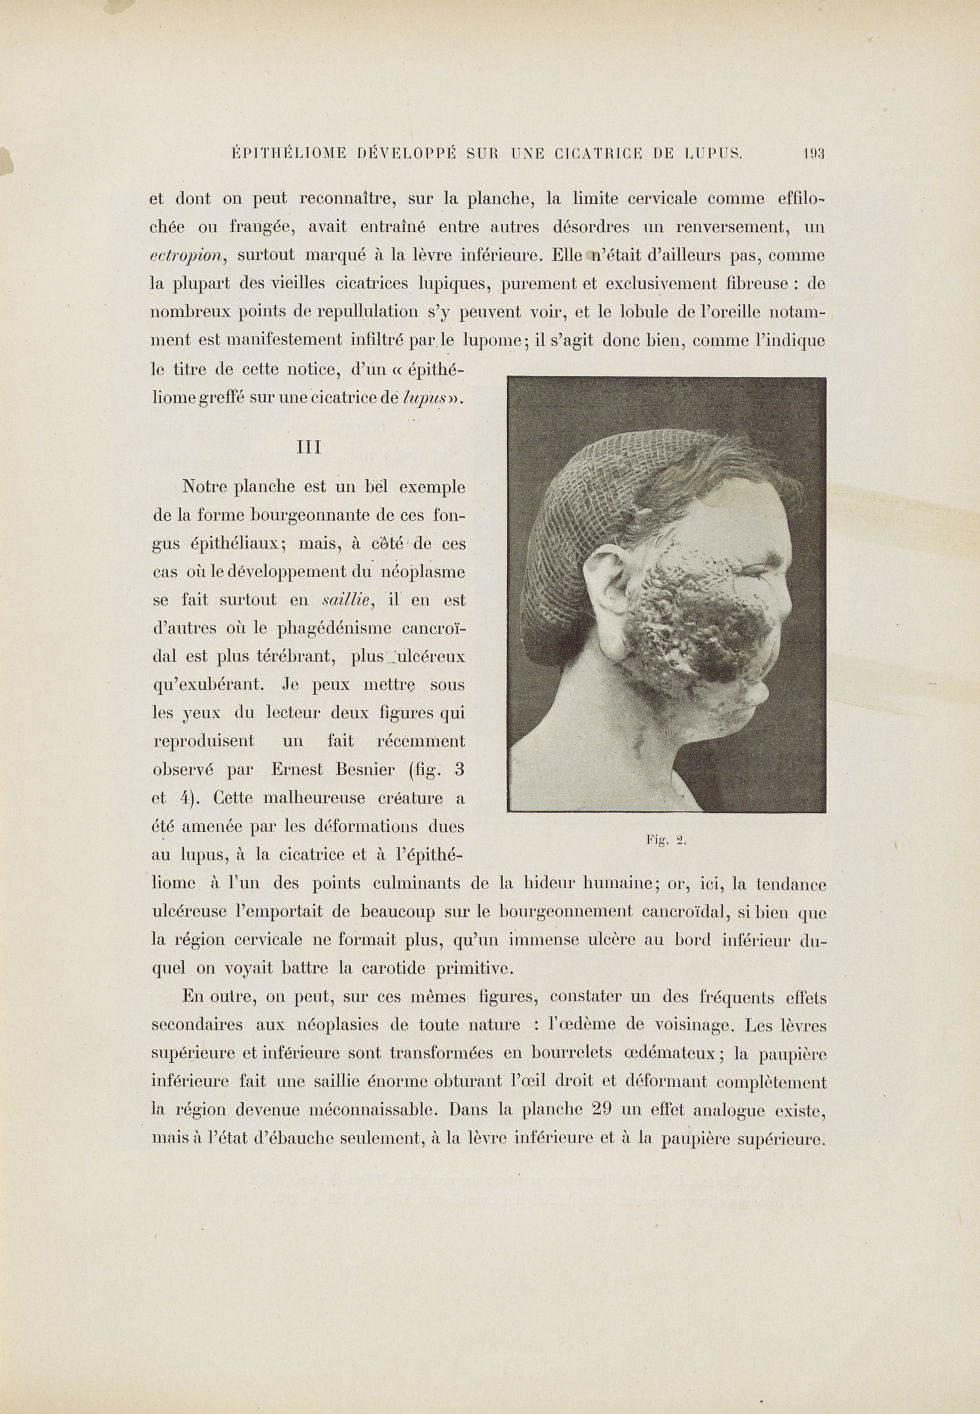 Fig. 2. [Énorme épithéliome occupant la partie préauriculaire droite] - Le musée de l'hôpital Saint- [...] - Dermatologie (peau). Visages (têtes). 19e siècle (France) - med01740x0229